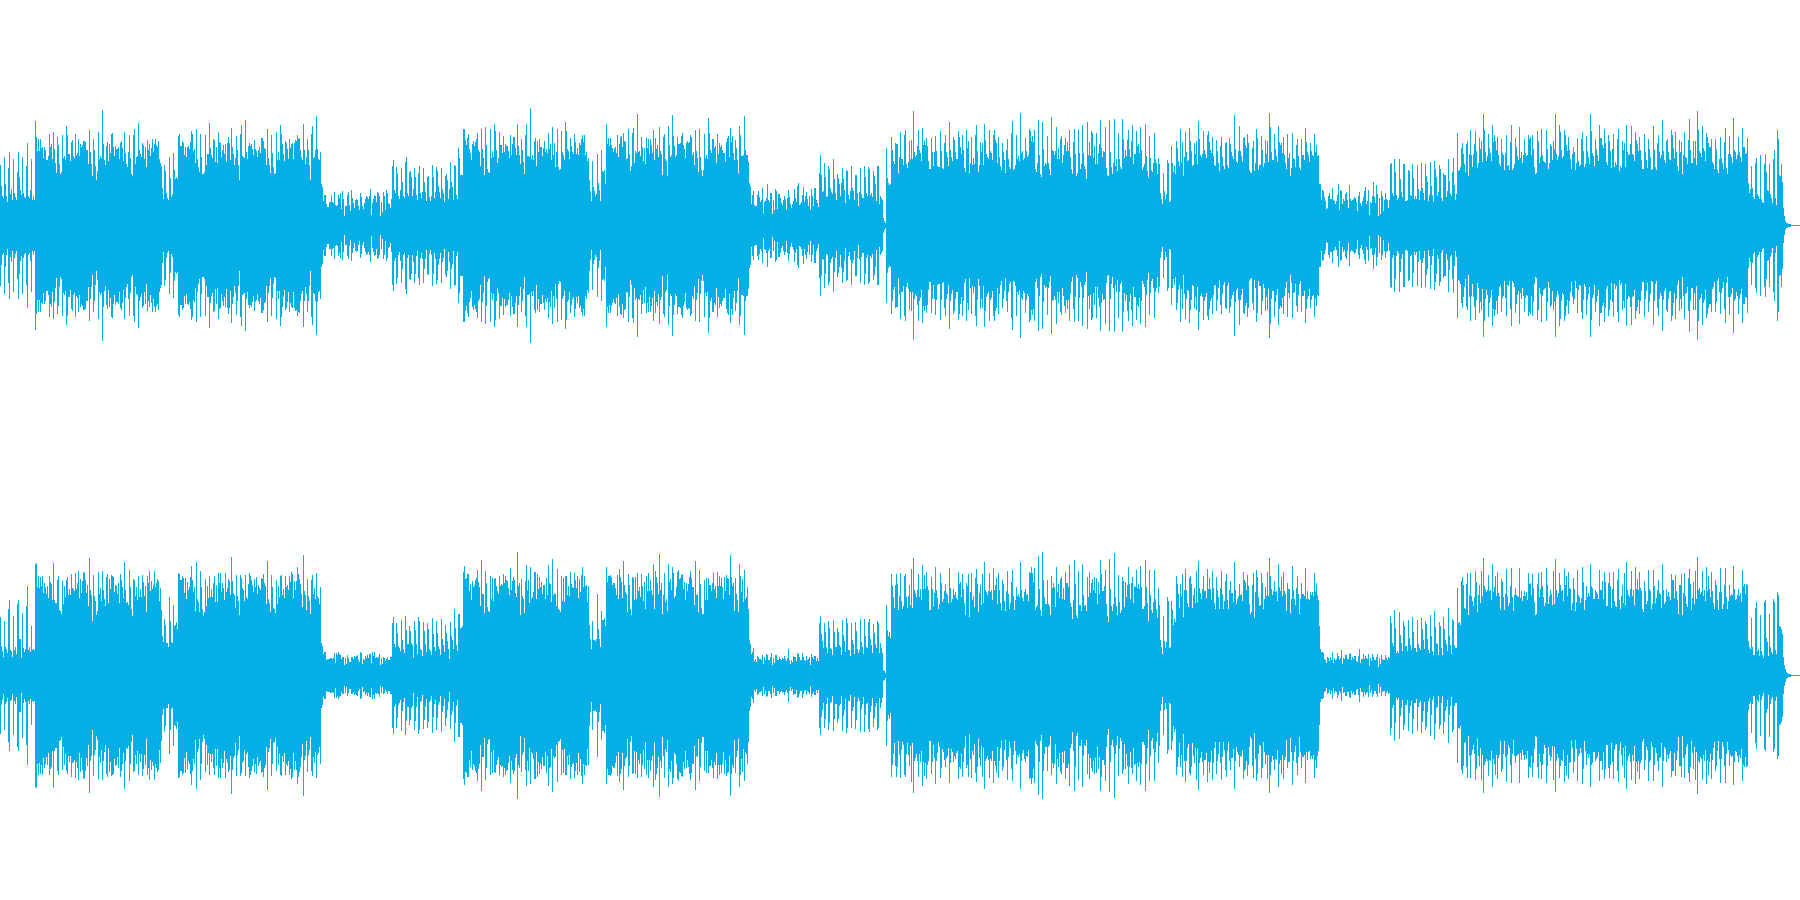 シンセサイザーを使用したノリのいいBGMの再生済みの波形